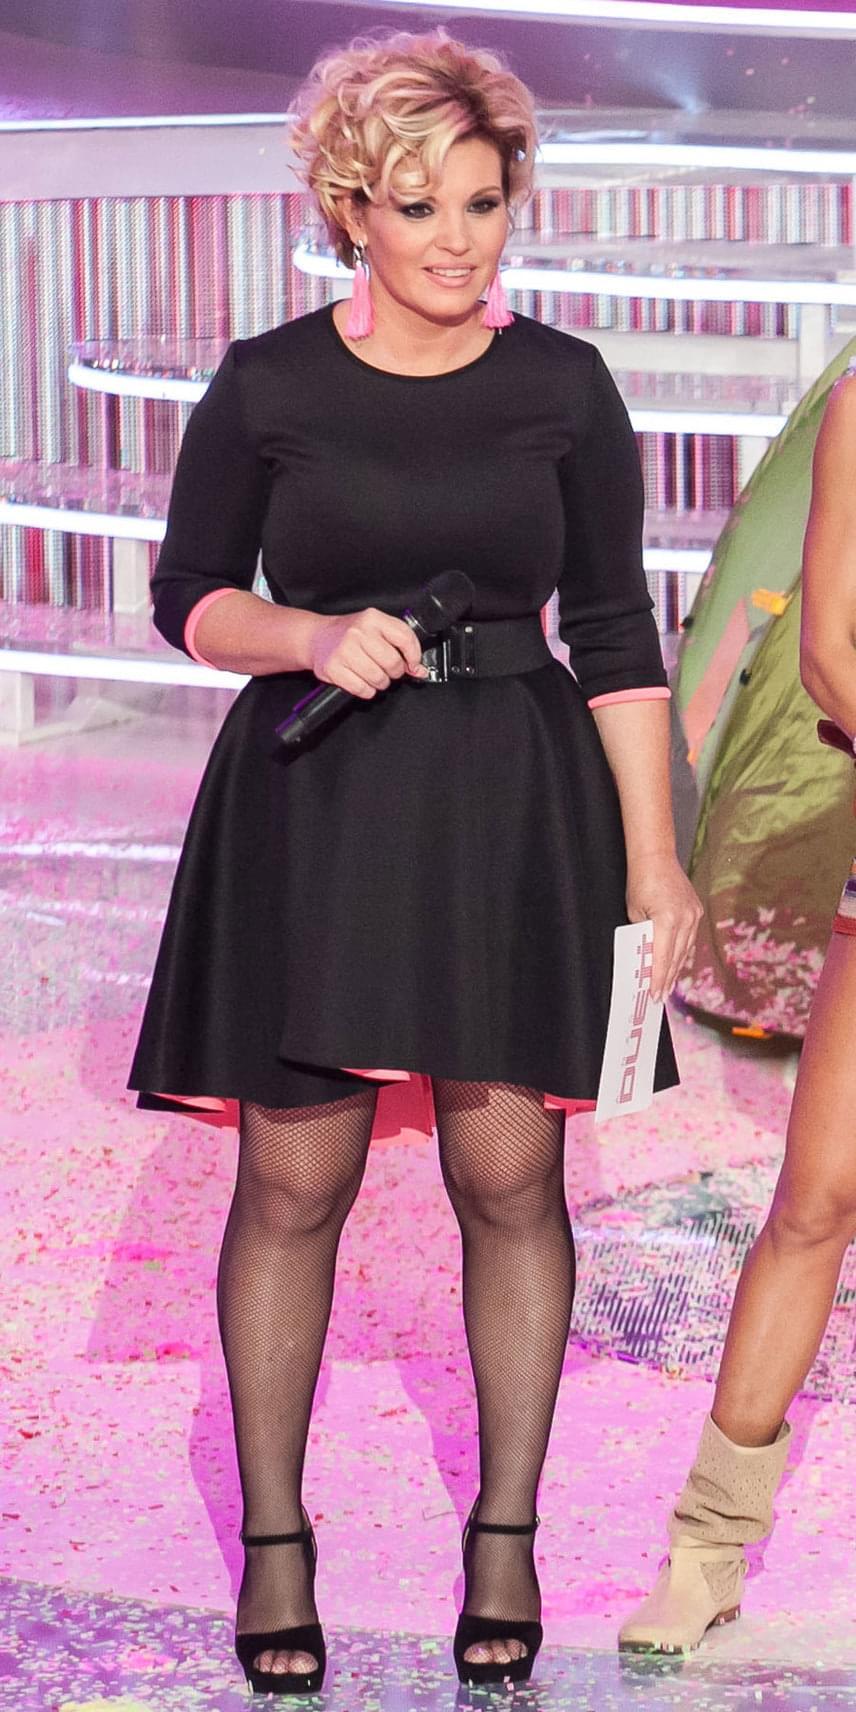 A Mohito újragondolta a klasszikus kis feketét, és egy kis pinkkel fűszerezte meg. Az összhatás érdekében Liptai Claudia egy pár pink fülbevalót viselt - mivel a stylist sehol nem kapott a ruha bélésével megegyező színűt, ő maga készítette el őket.